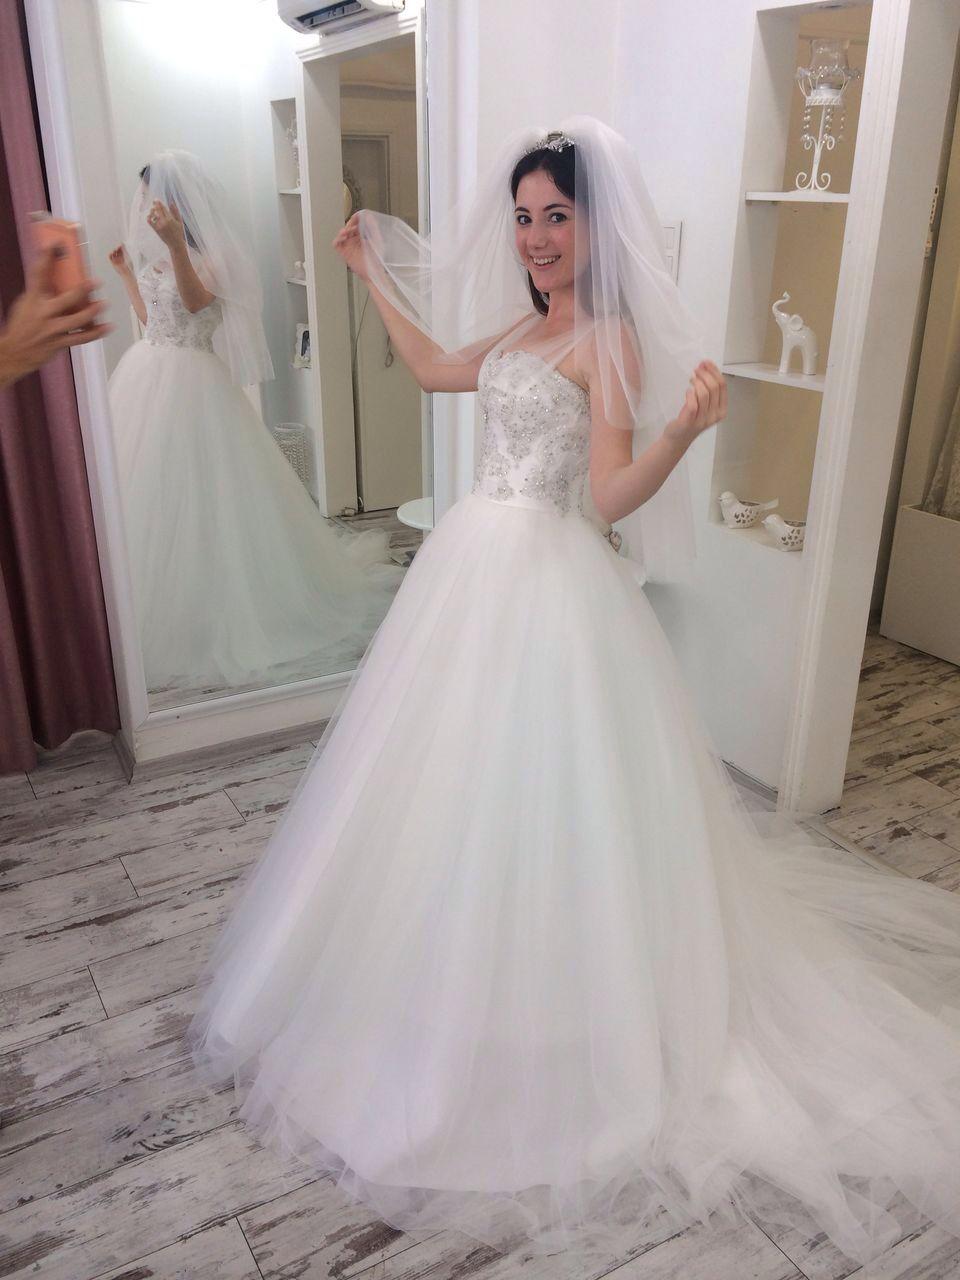 Düğün giyinmek - gerçek bir düğünün provası